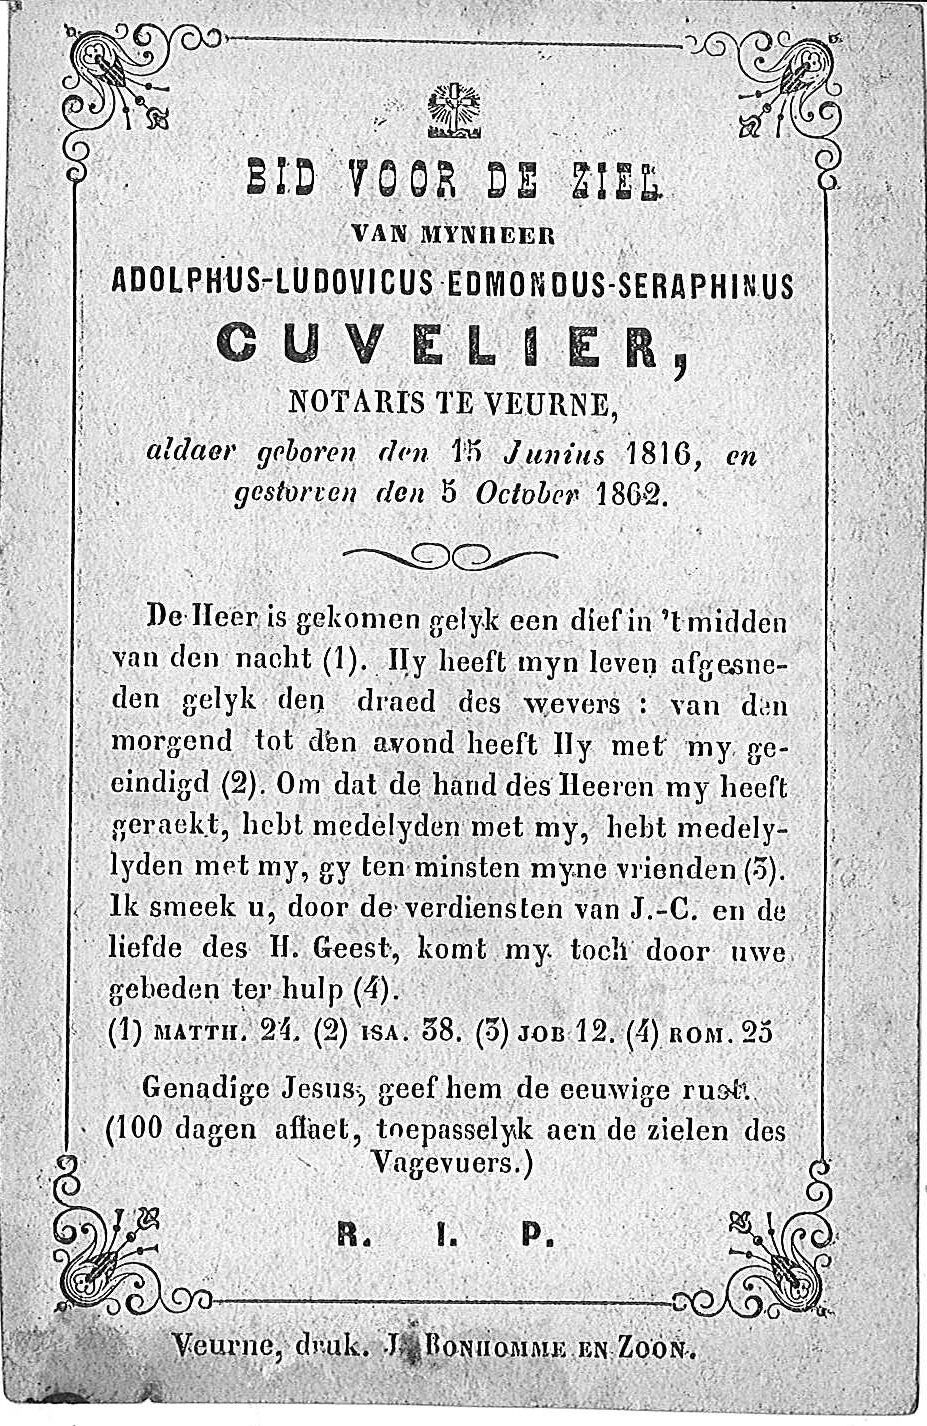 Adolphus-Ludovicus-Edmondus-Seraphinus Cuvelier